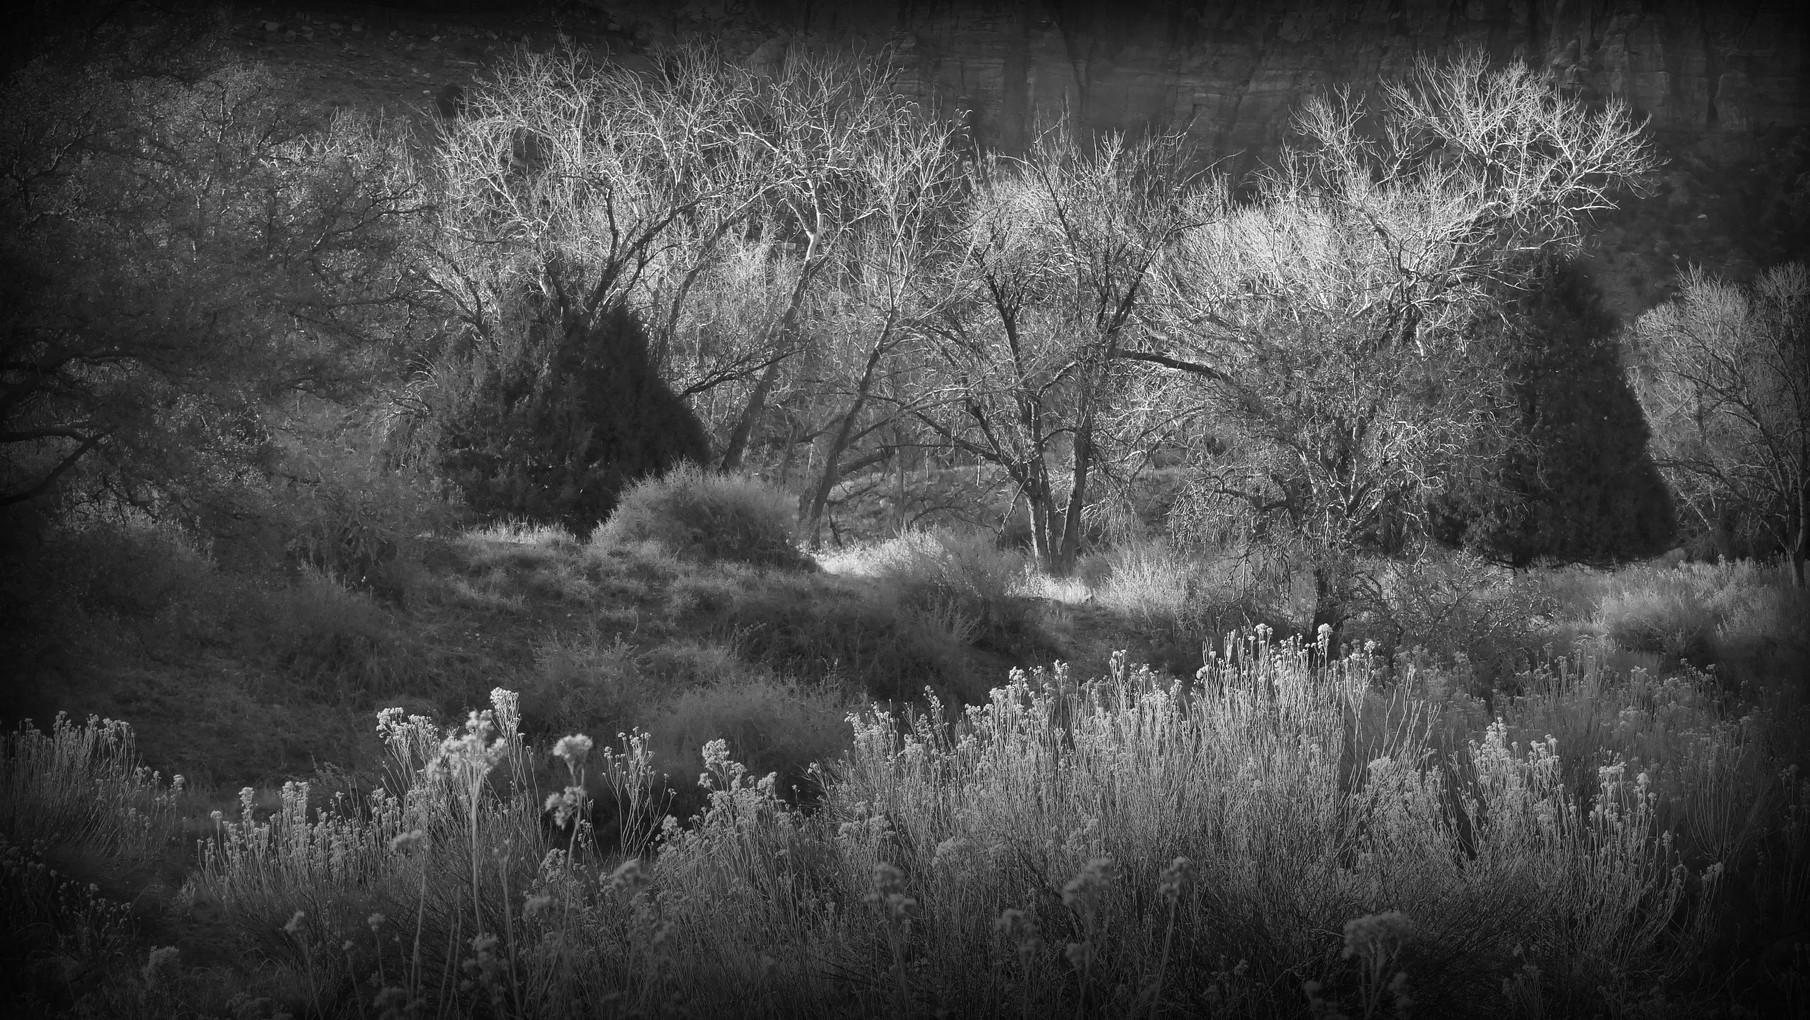 64-zion-park-natural-elements-.jpg